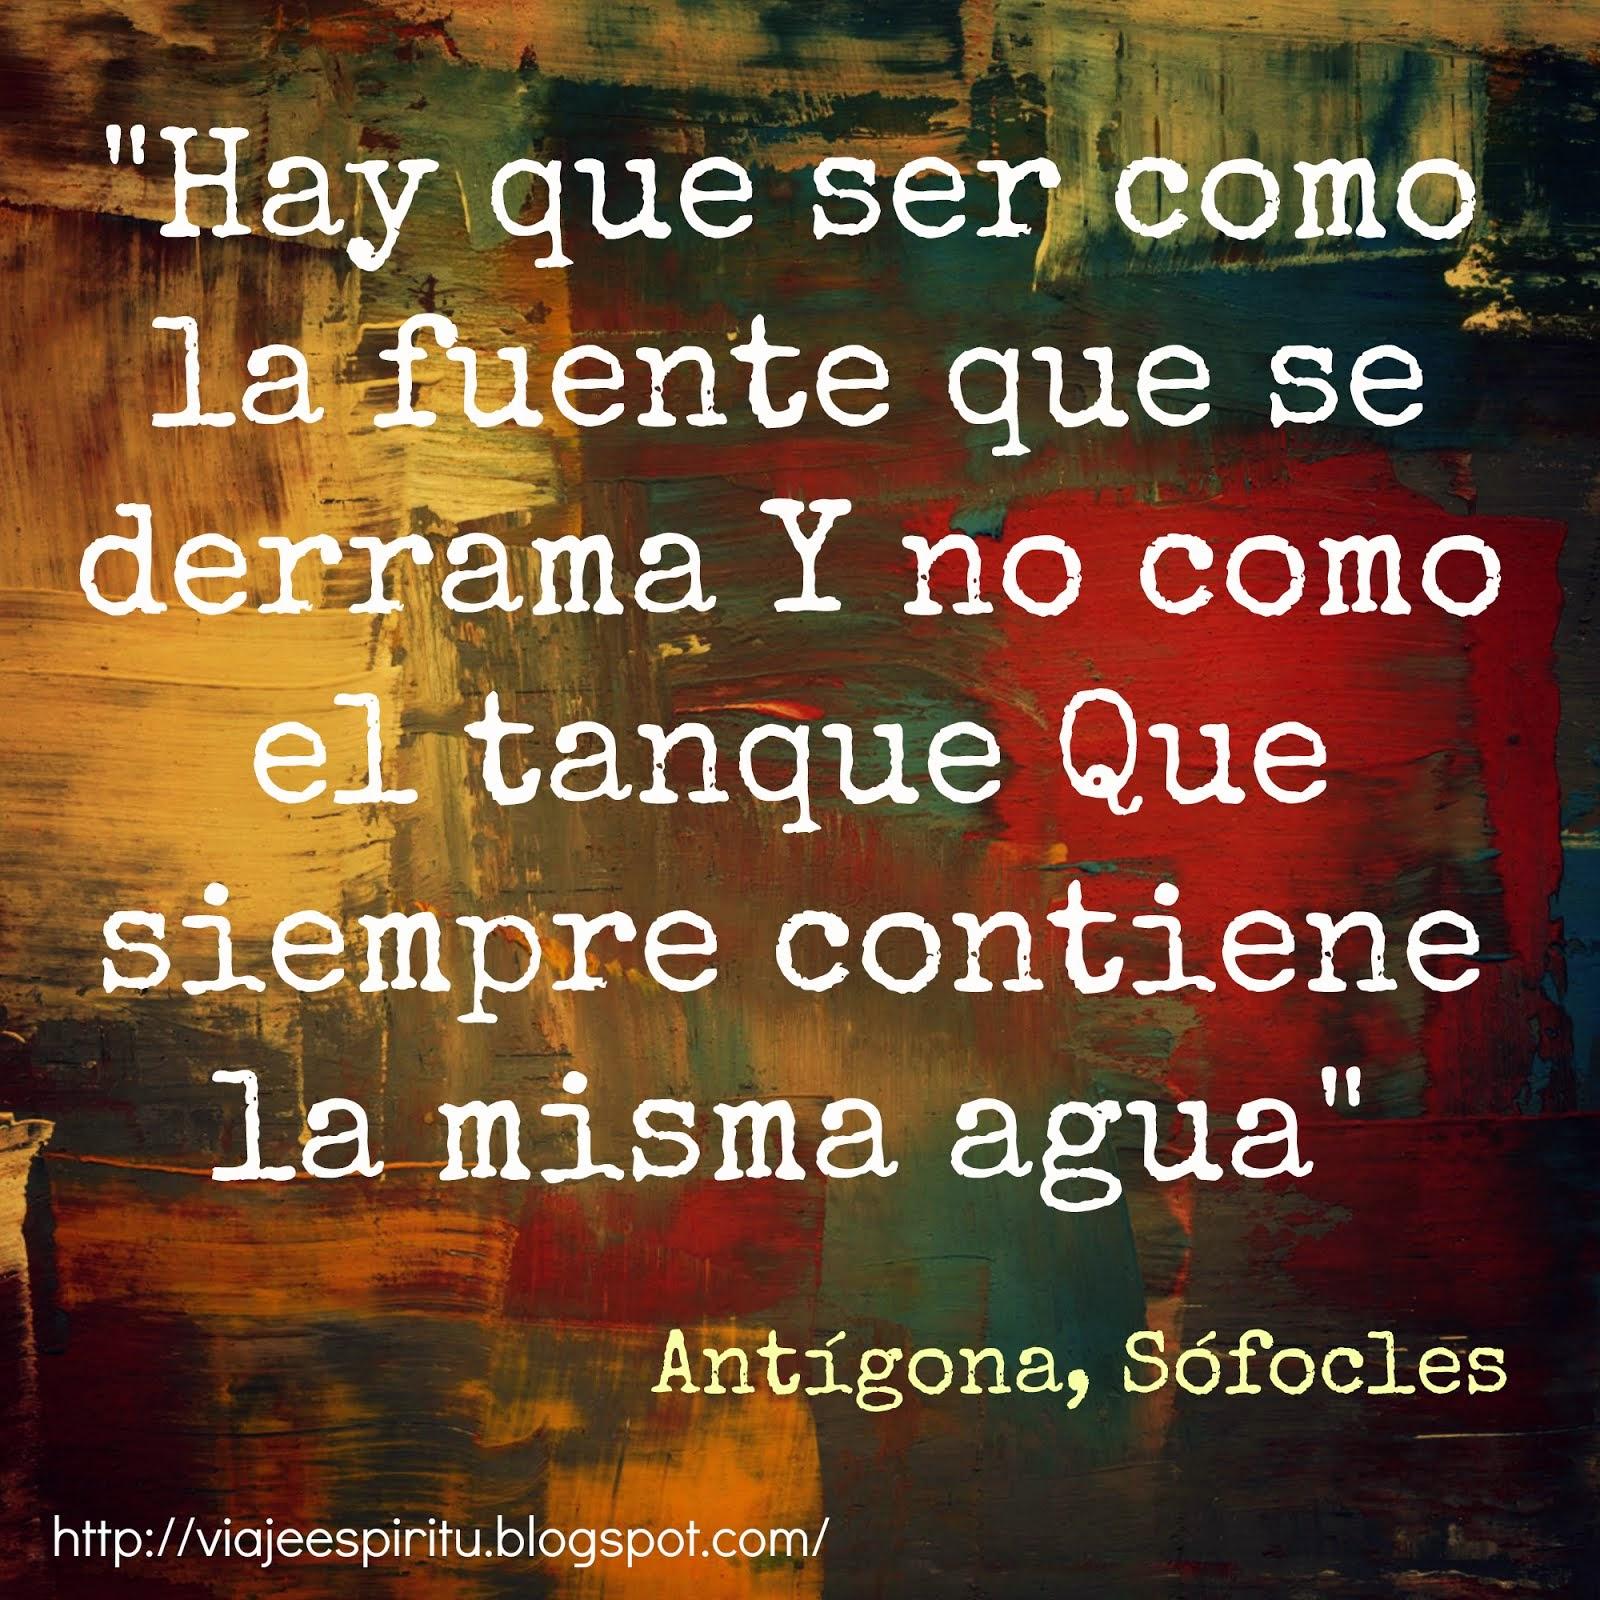 Antígona, Sófocles